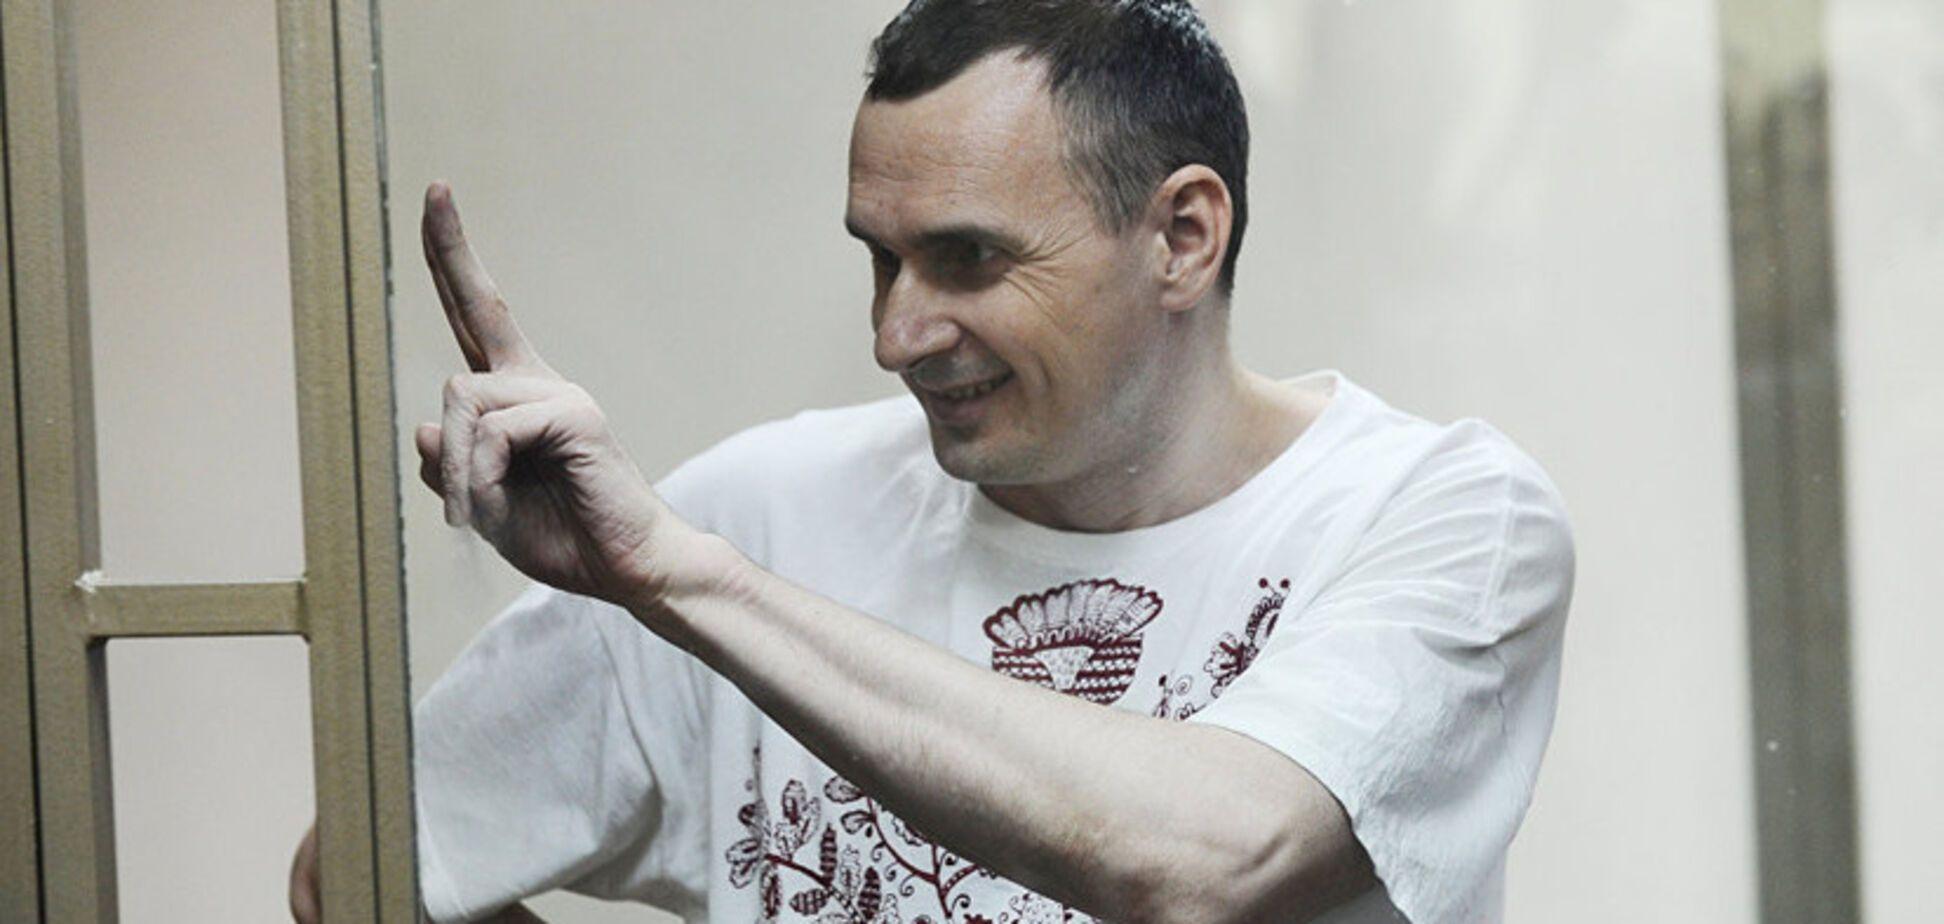 Выступали Макаревич и Ахеджакова: в Москве устроили концерт в поддержку Сенцова